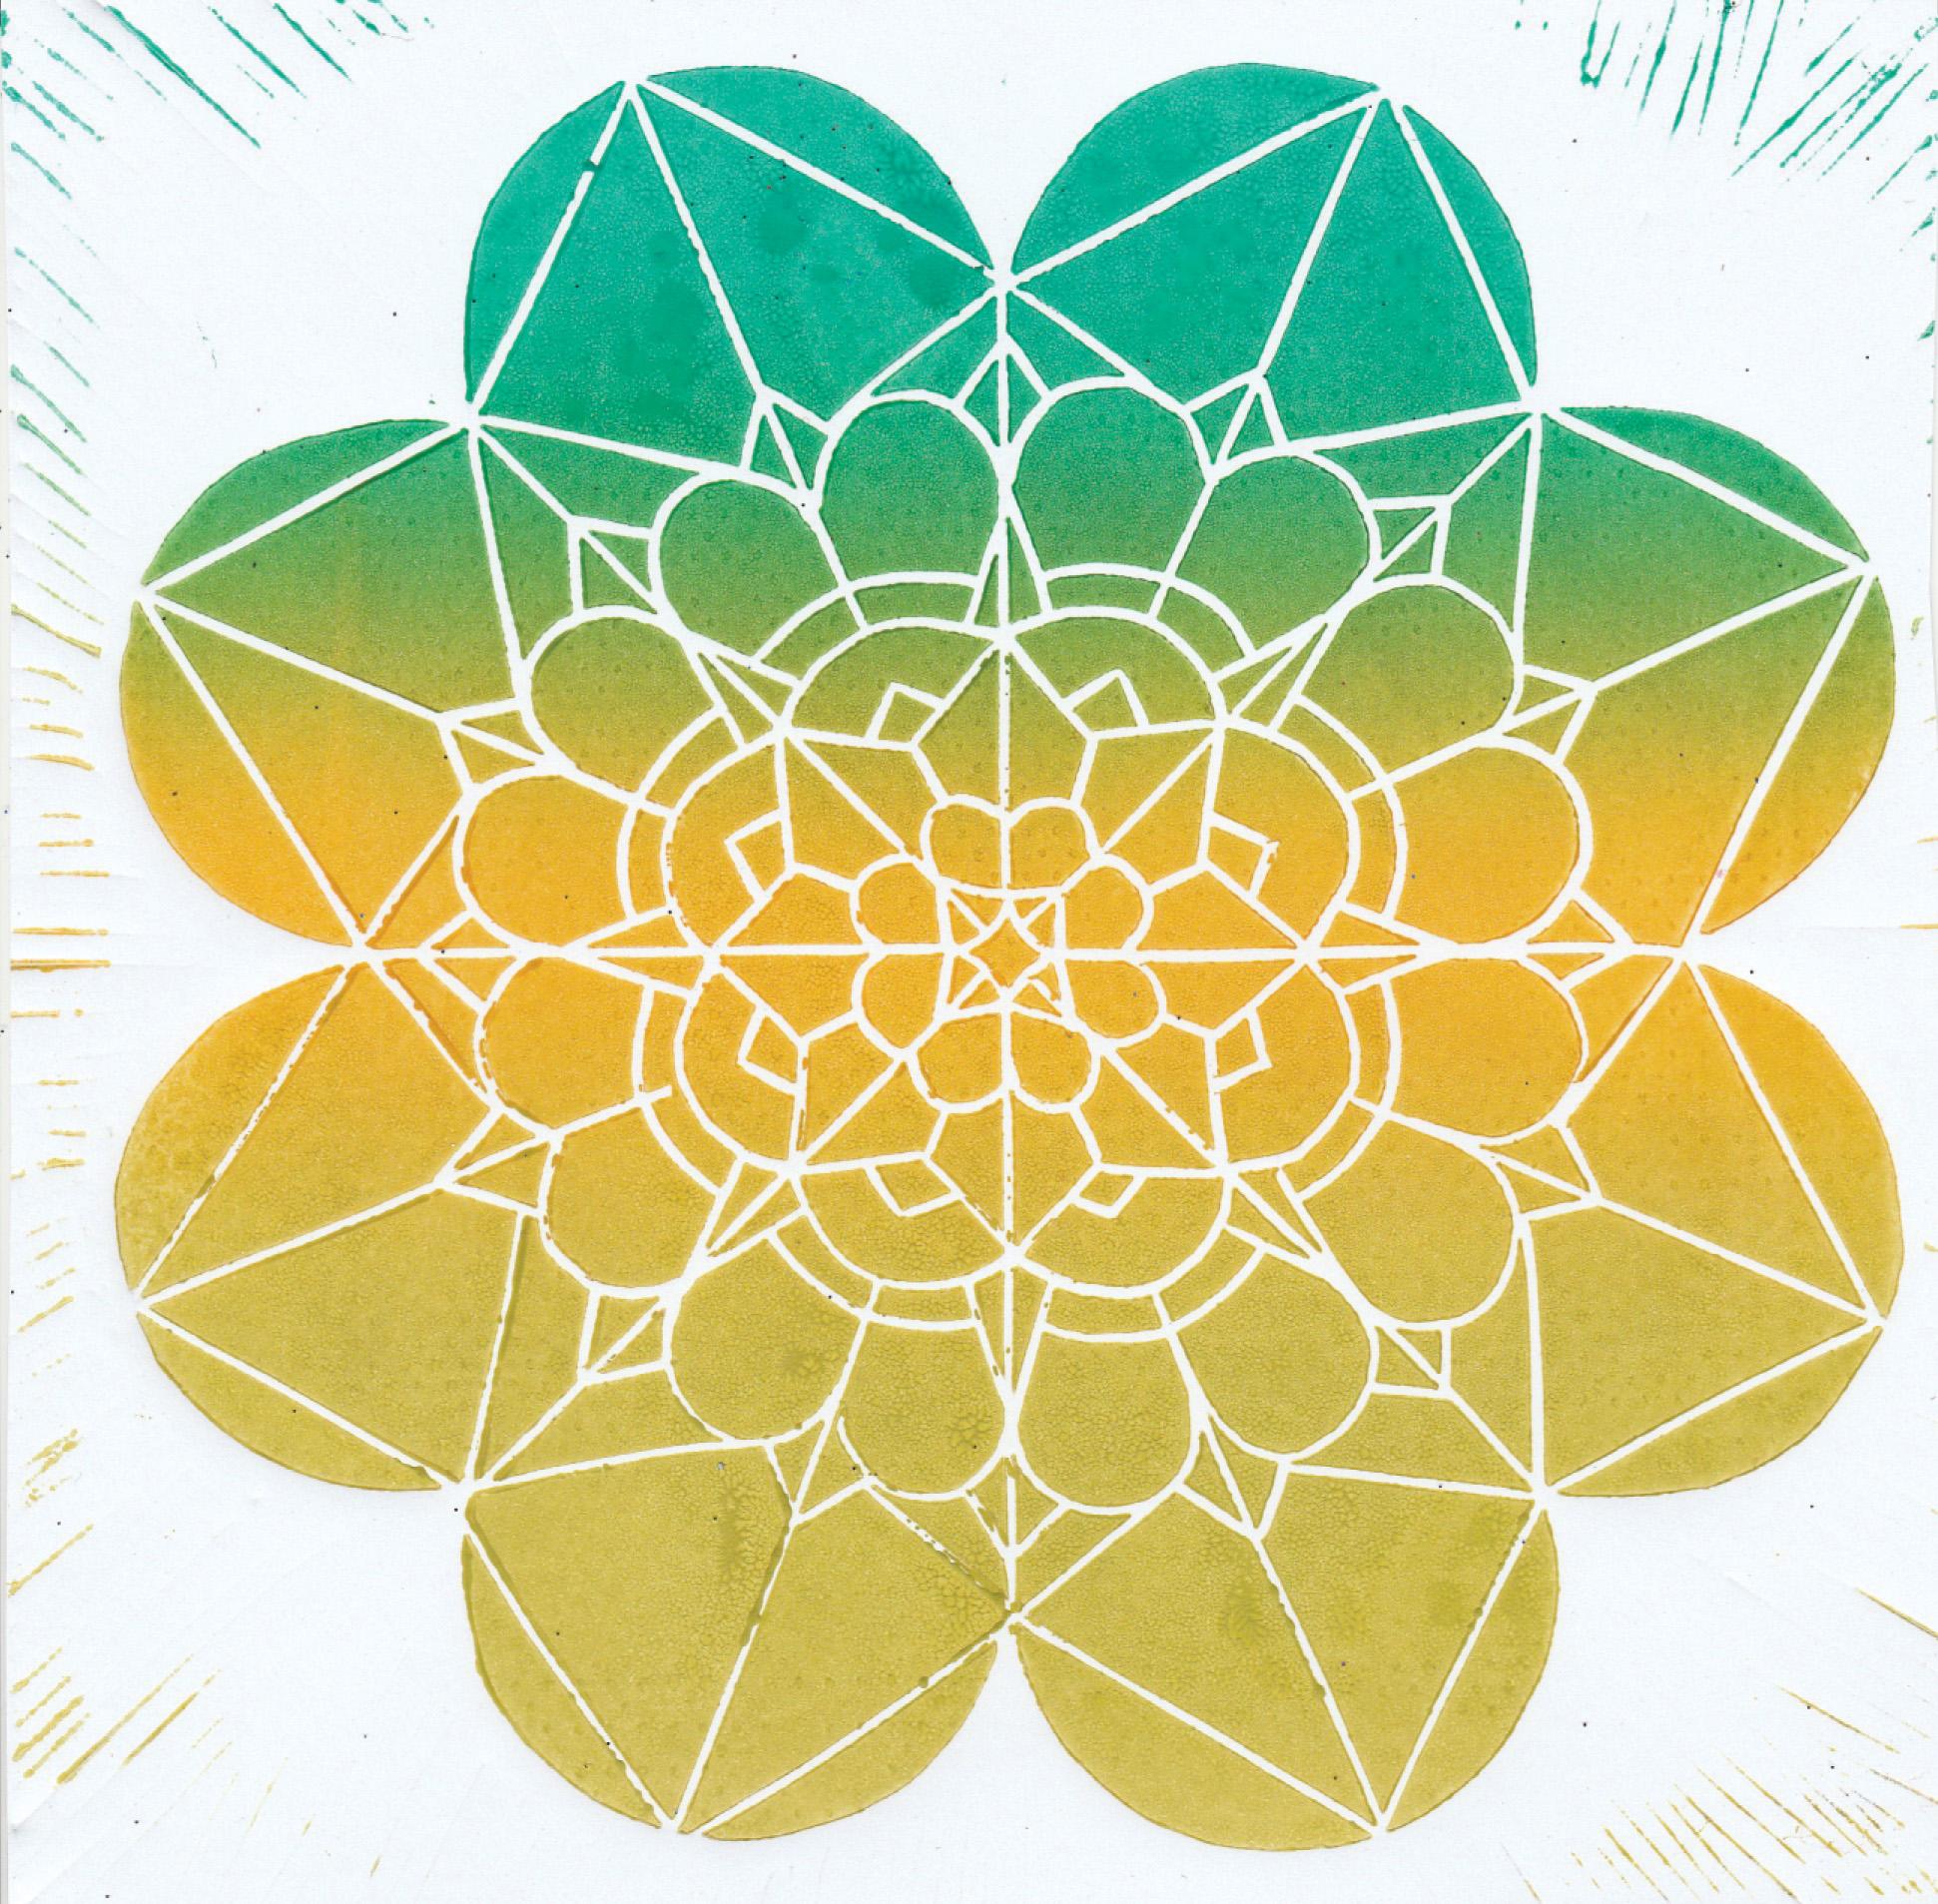 Zīmējumā ir attēlota mandala.